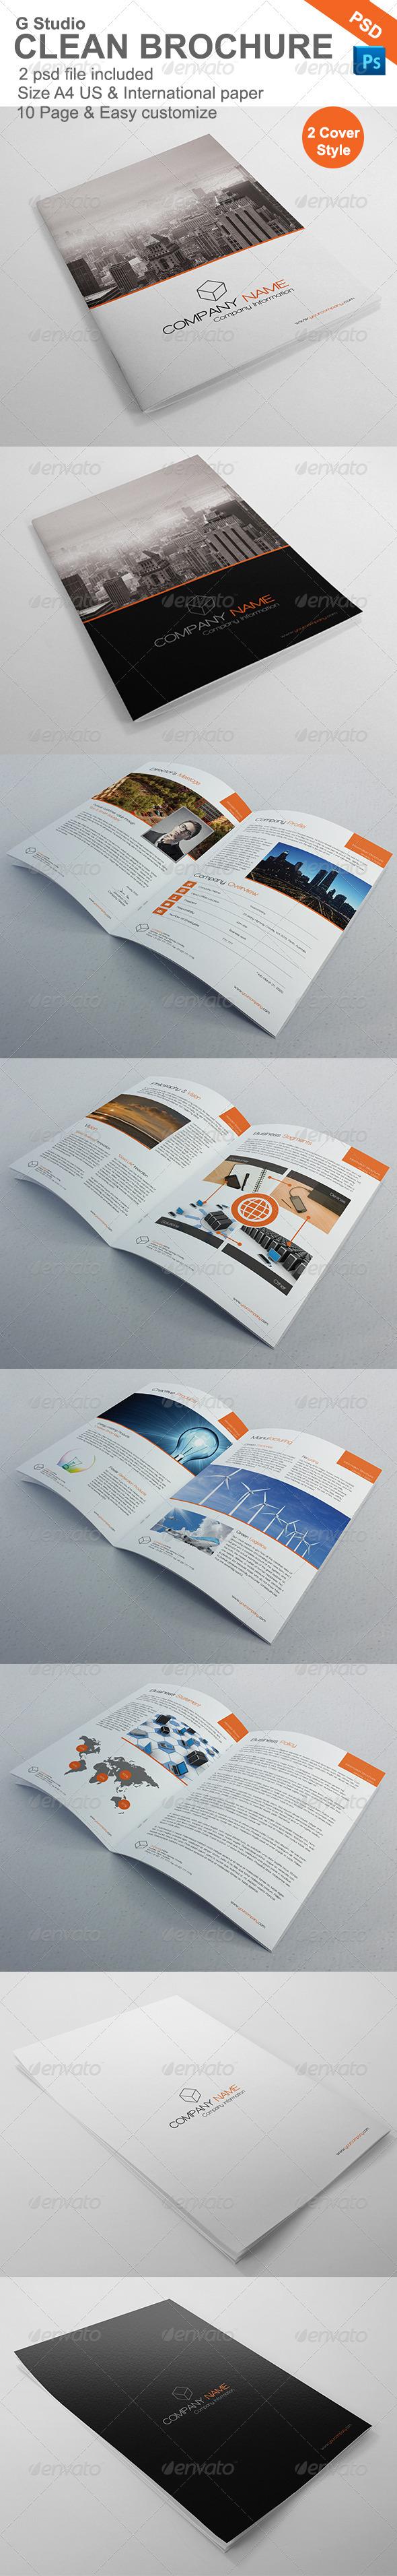 GraphicRiver Gstudio Clean Brochure Template 3969262